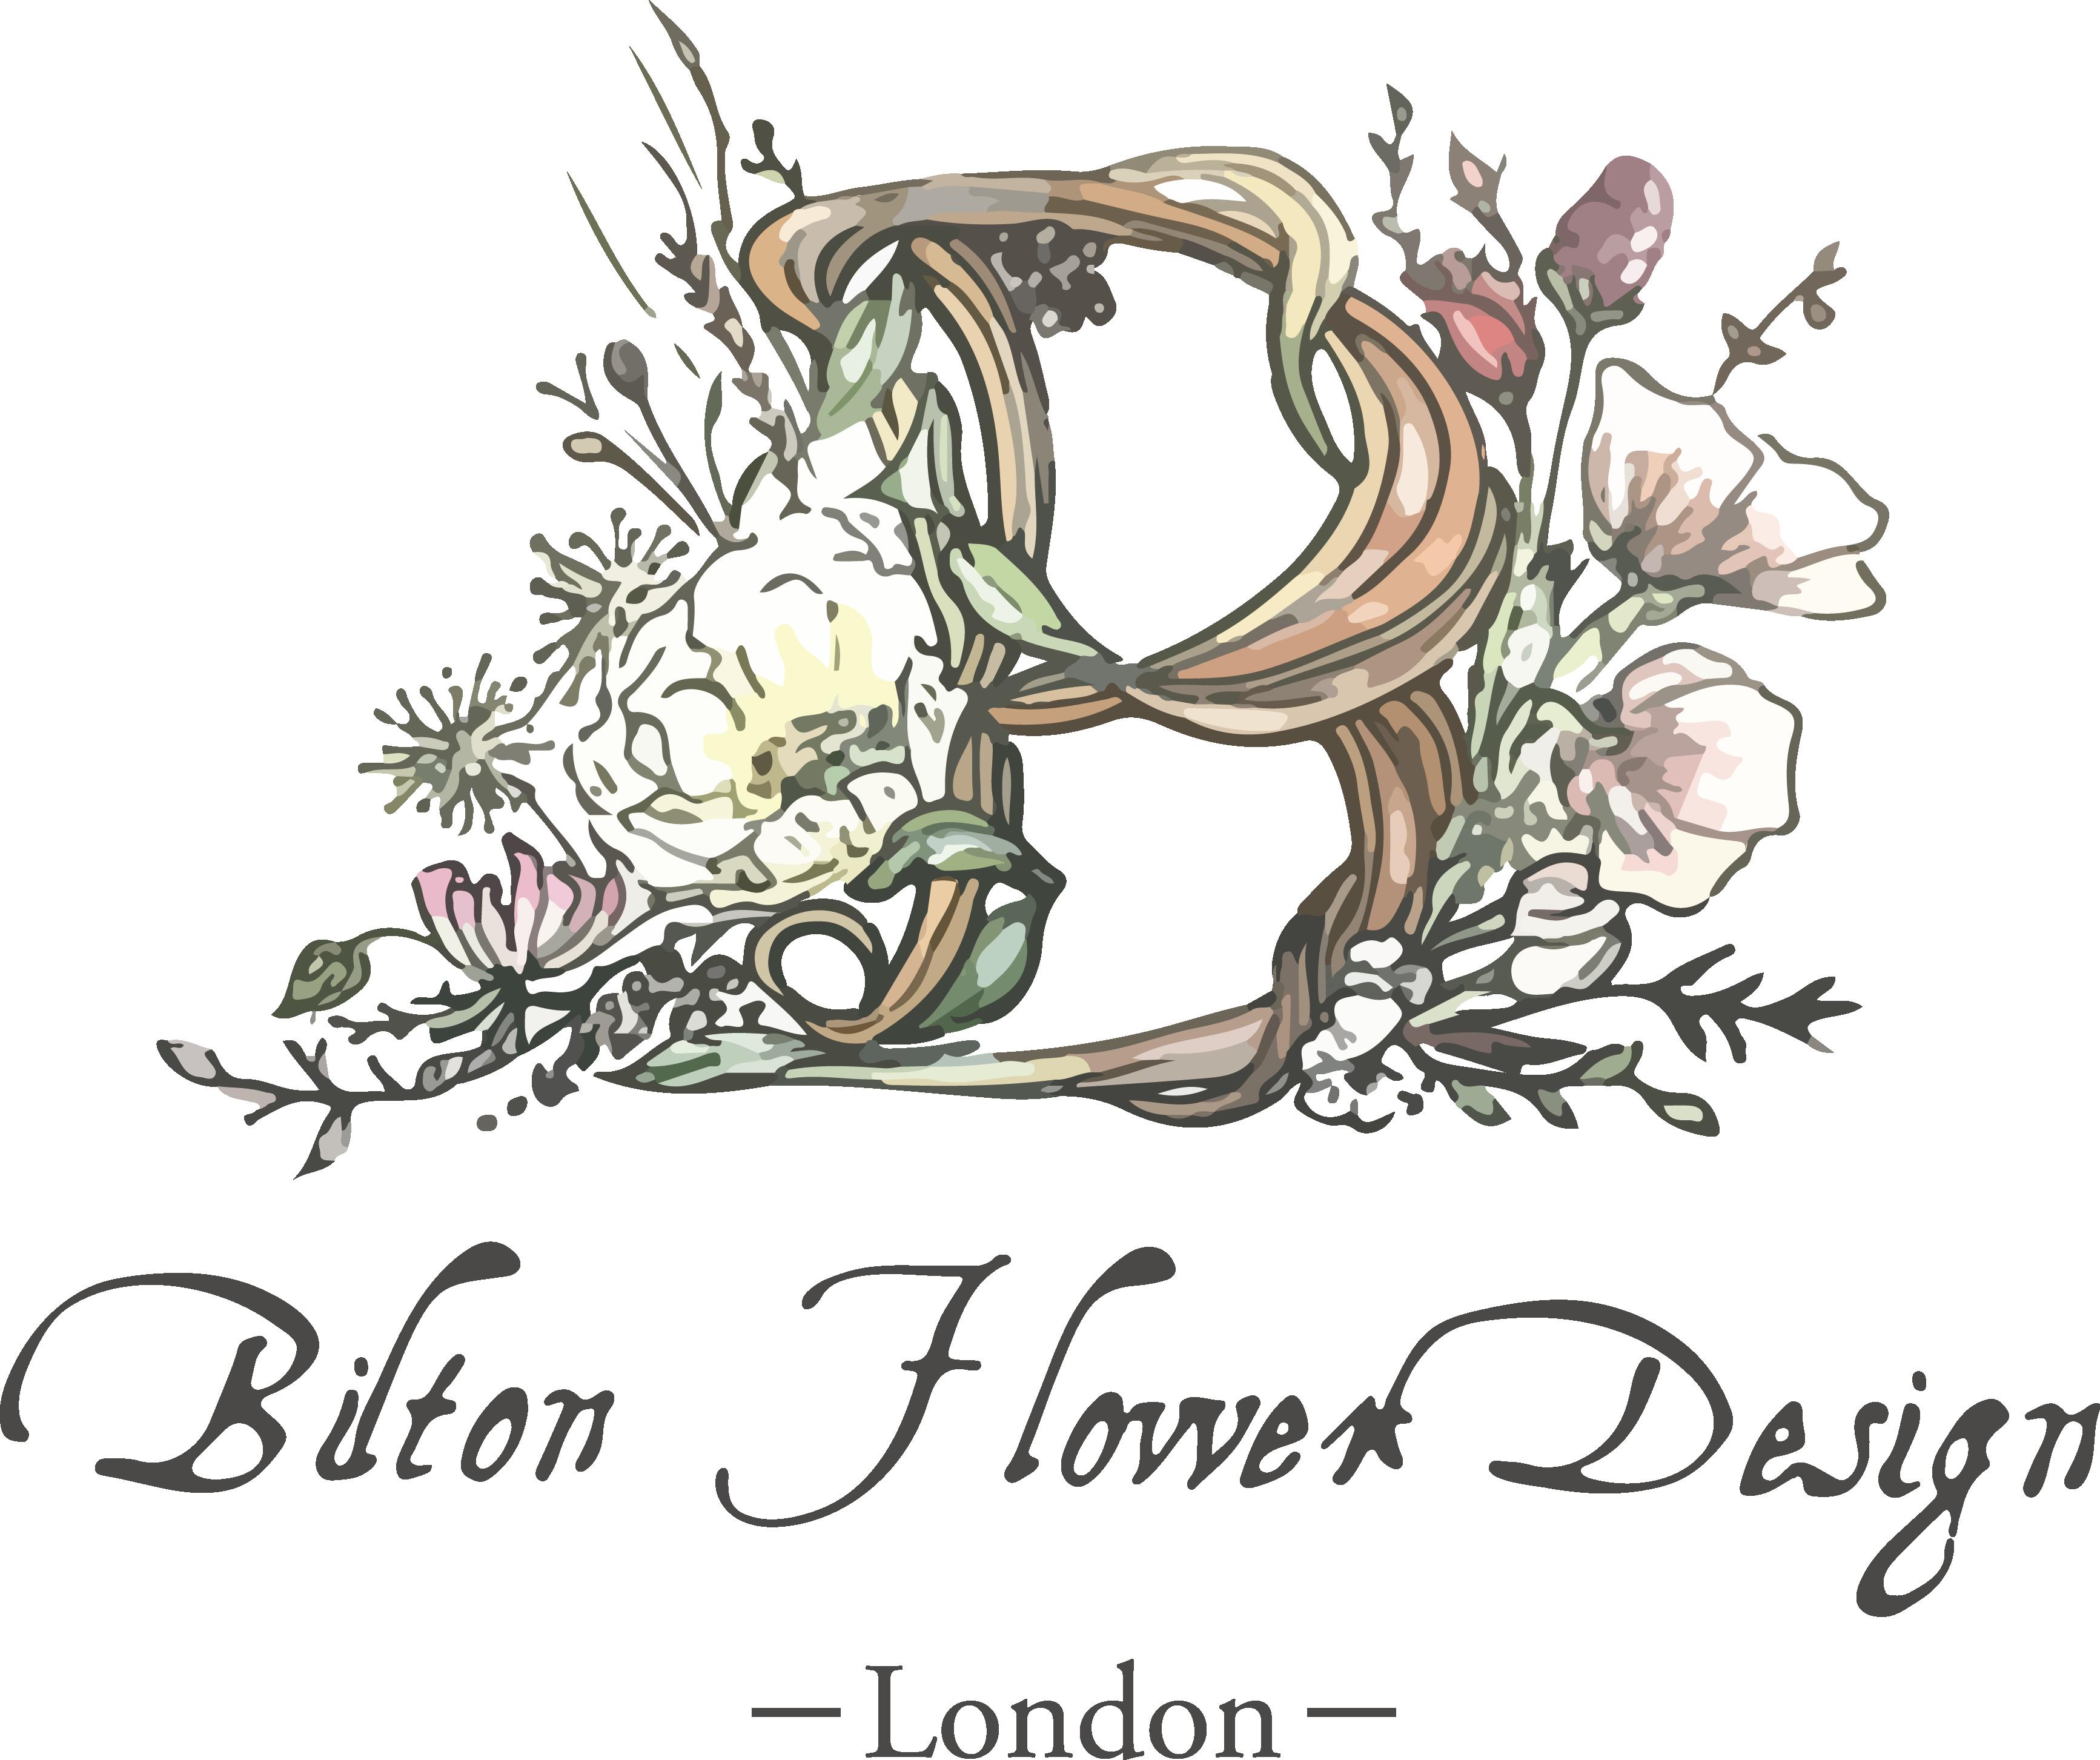 Bilton Flower Design